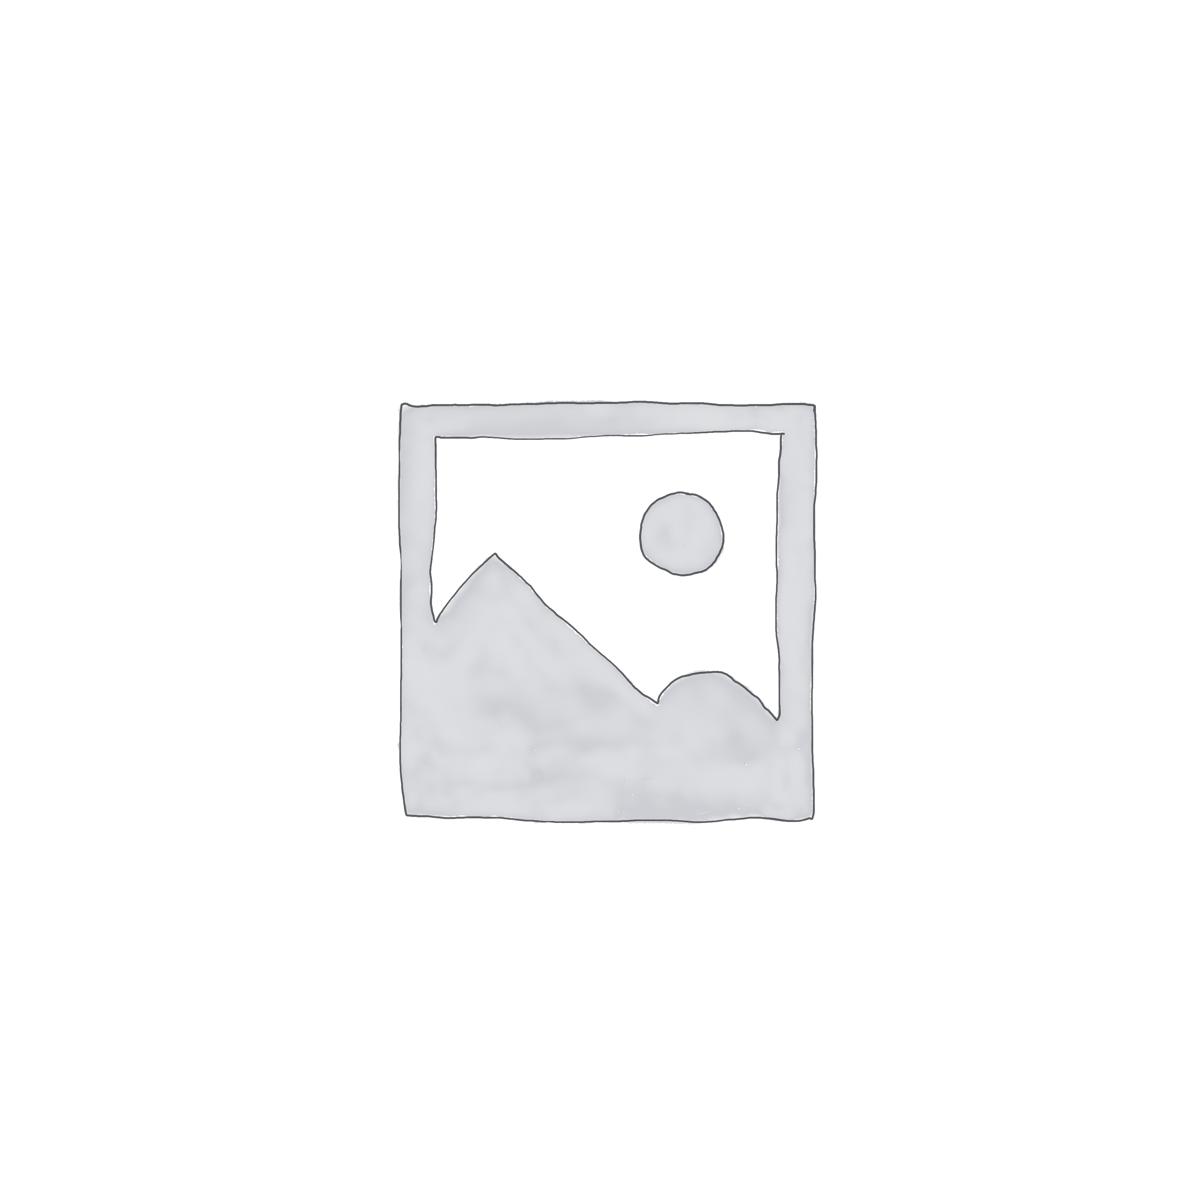 Вторичная гранула полистирола (УПМ) черная